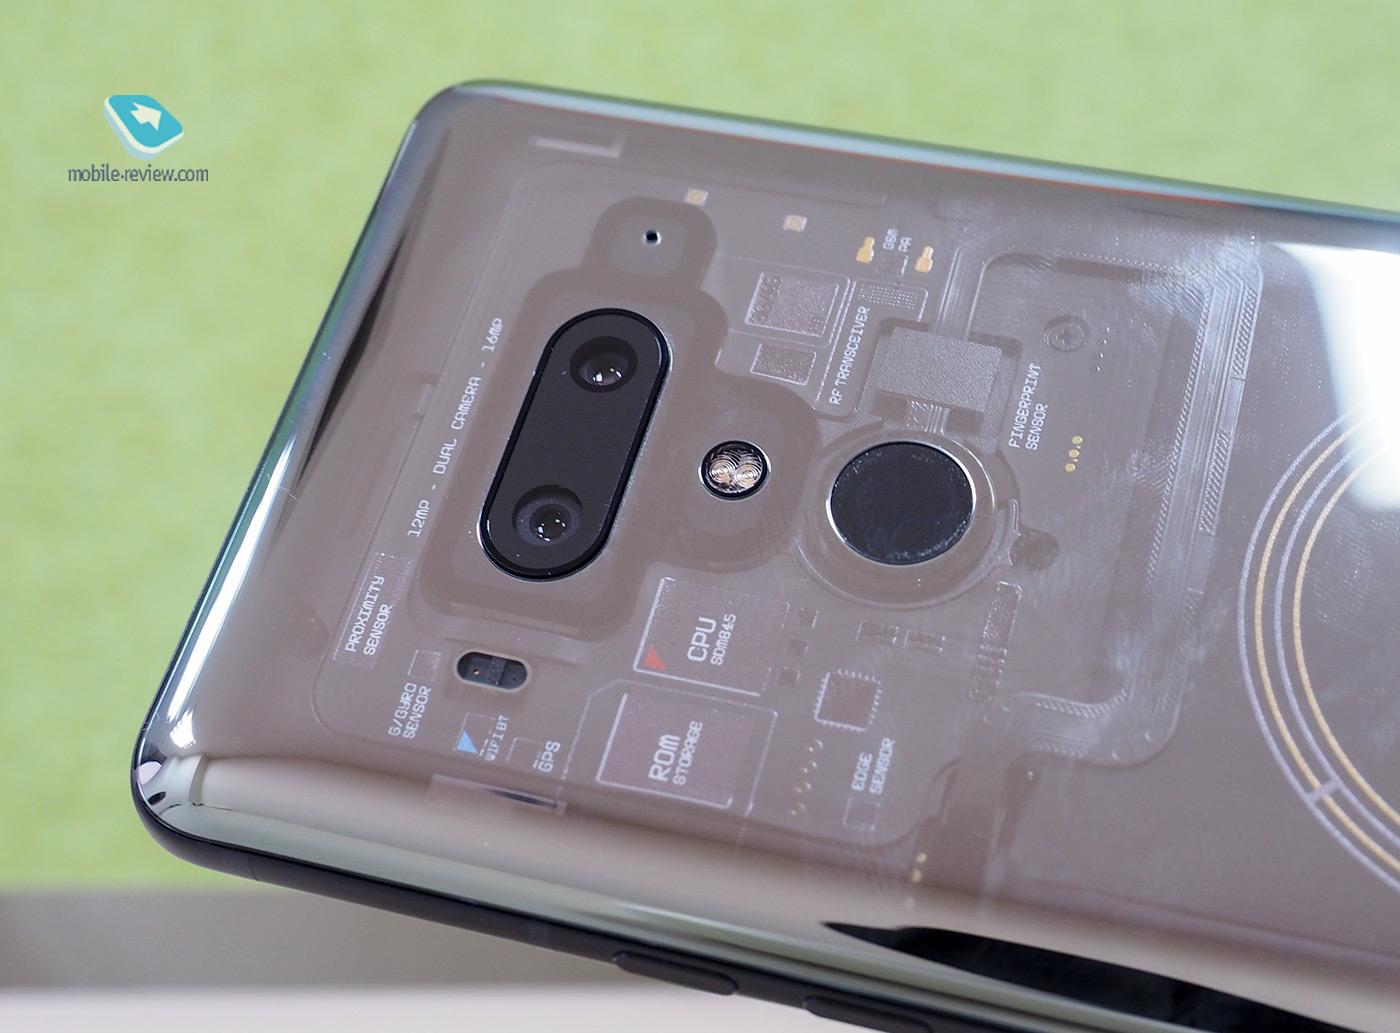 8058a623d38fe Радует лишь, что датчик отпечатков пальцев расположен в удобном месте, и  палец сам его находит, как только берешь телефон в руку.